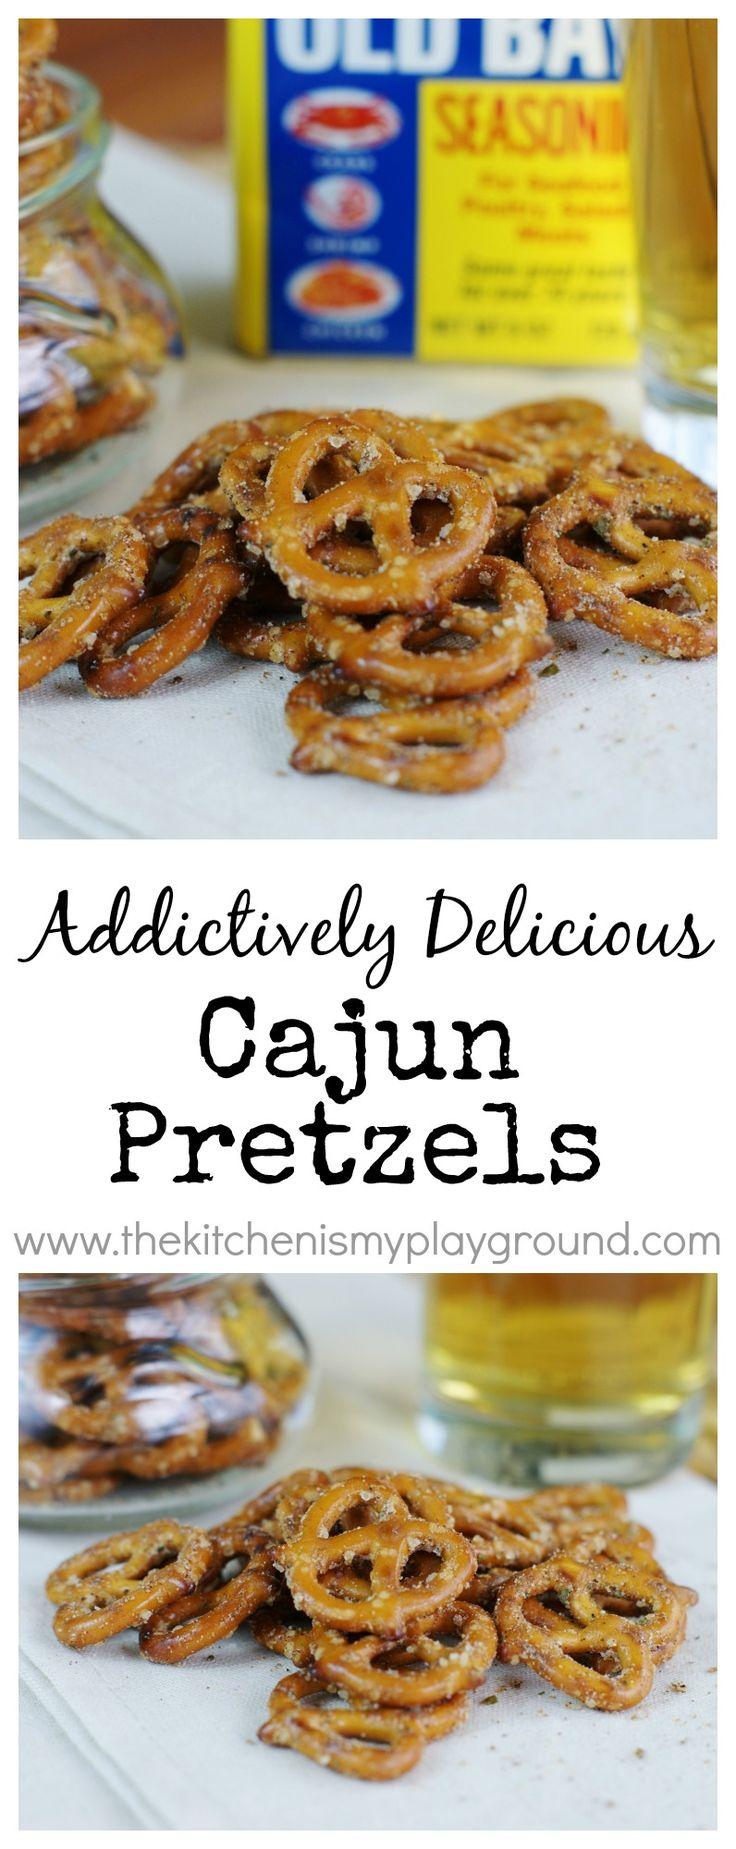 Cajun Pretzels ~ they're addictively delicious!   www.thekitchenismyplayground.com